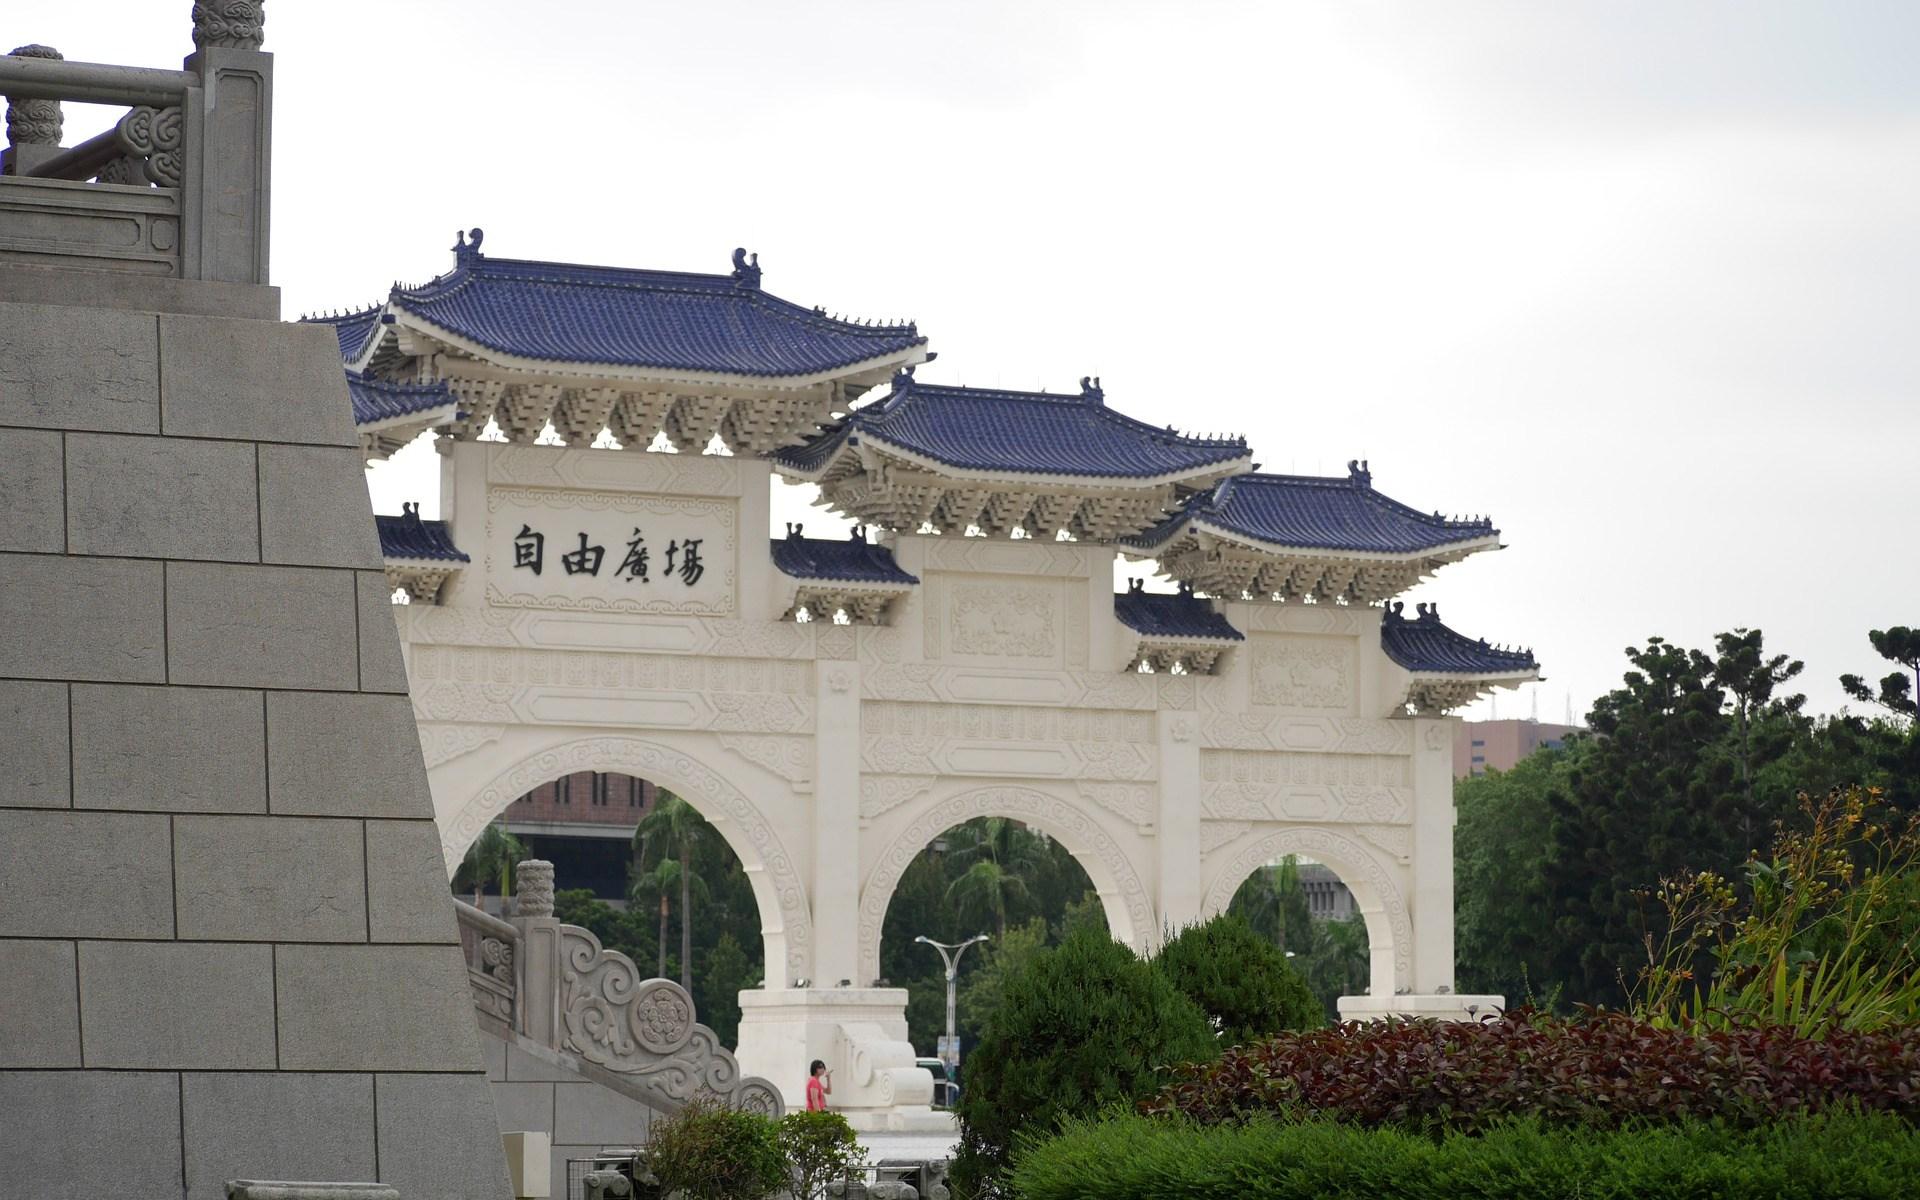 Gardens, Liberty Square, Taipei